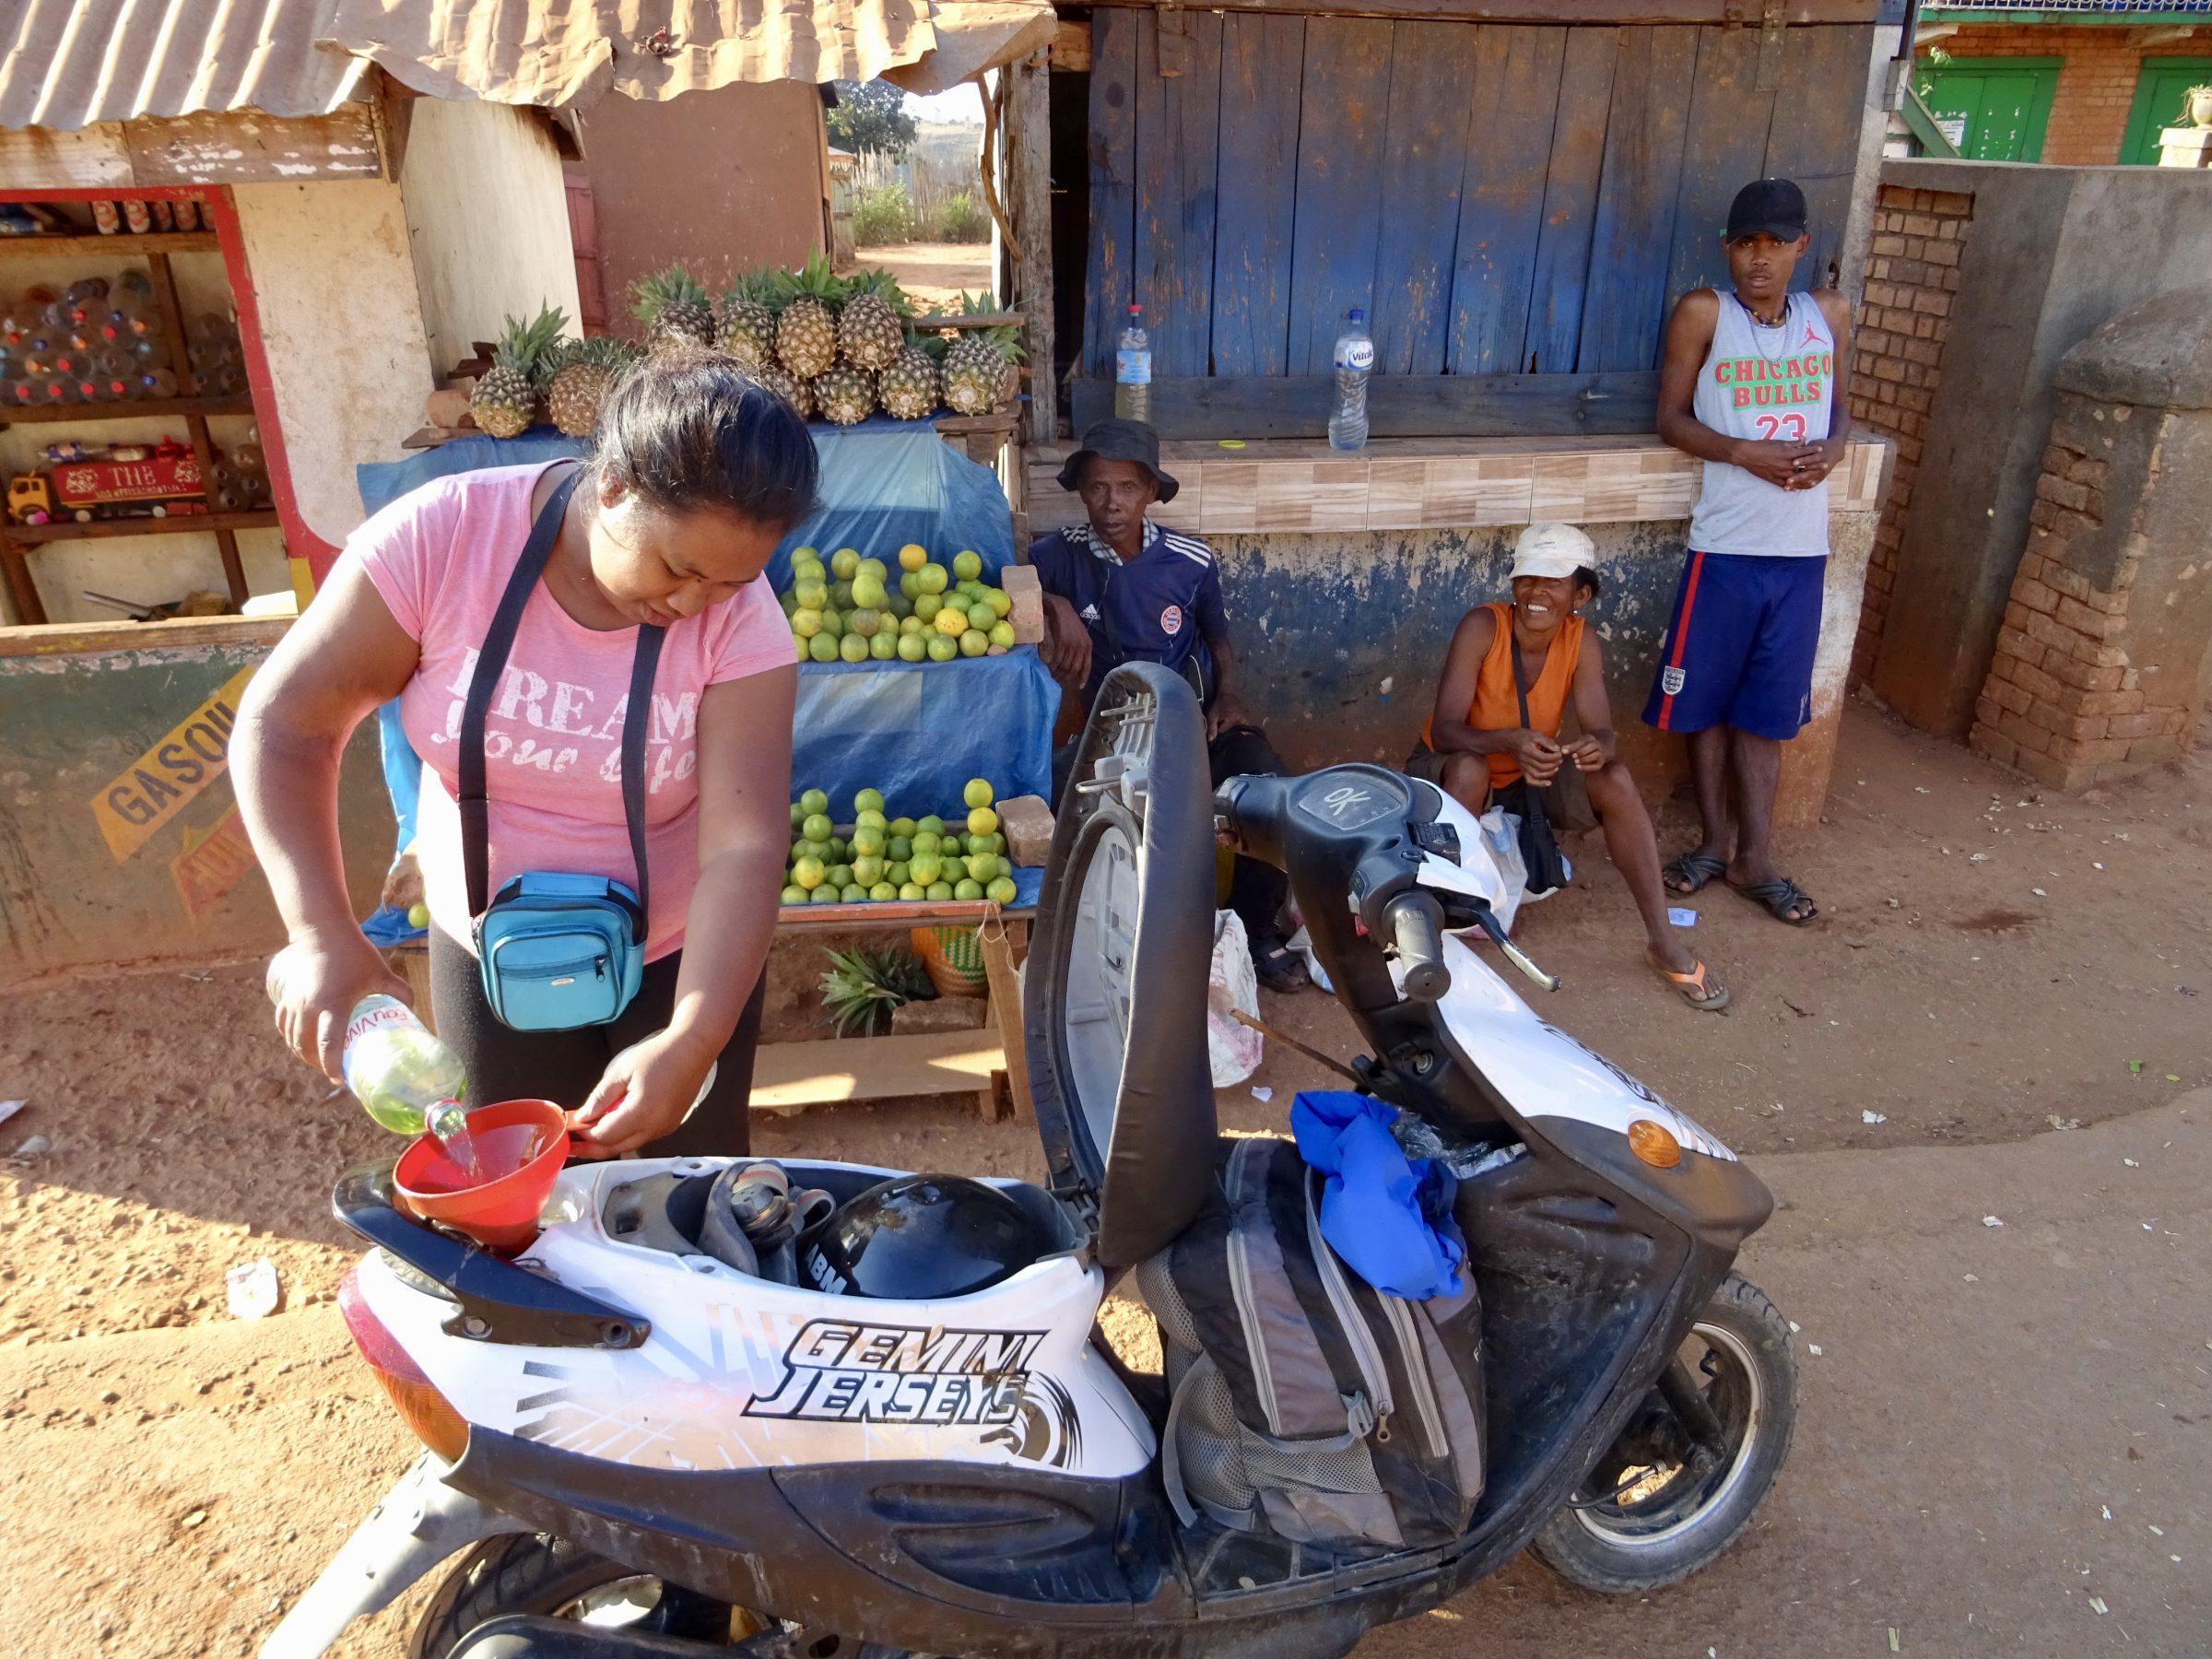 Benzine vanuit een waterfles in Mandoto